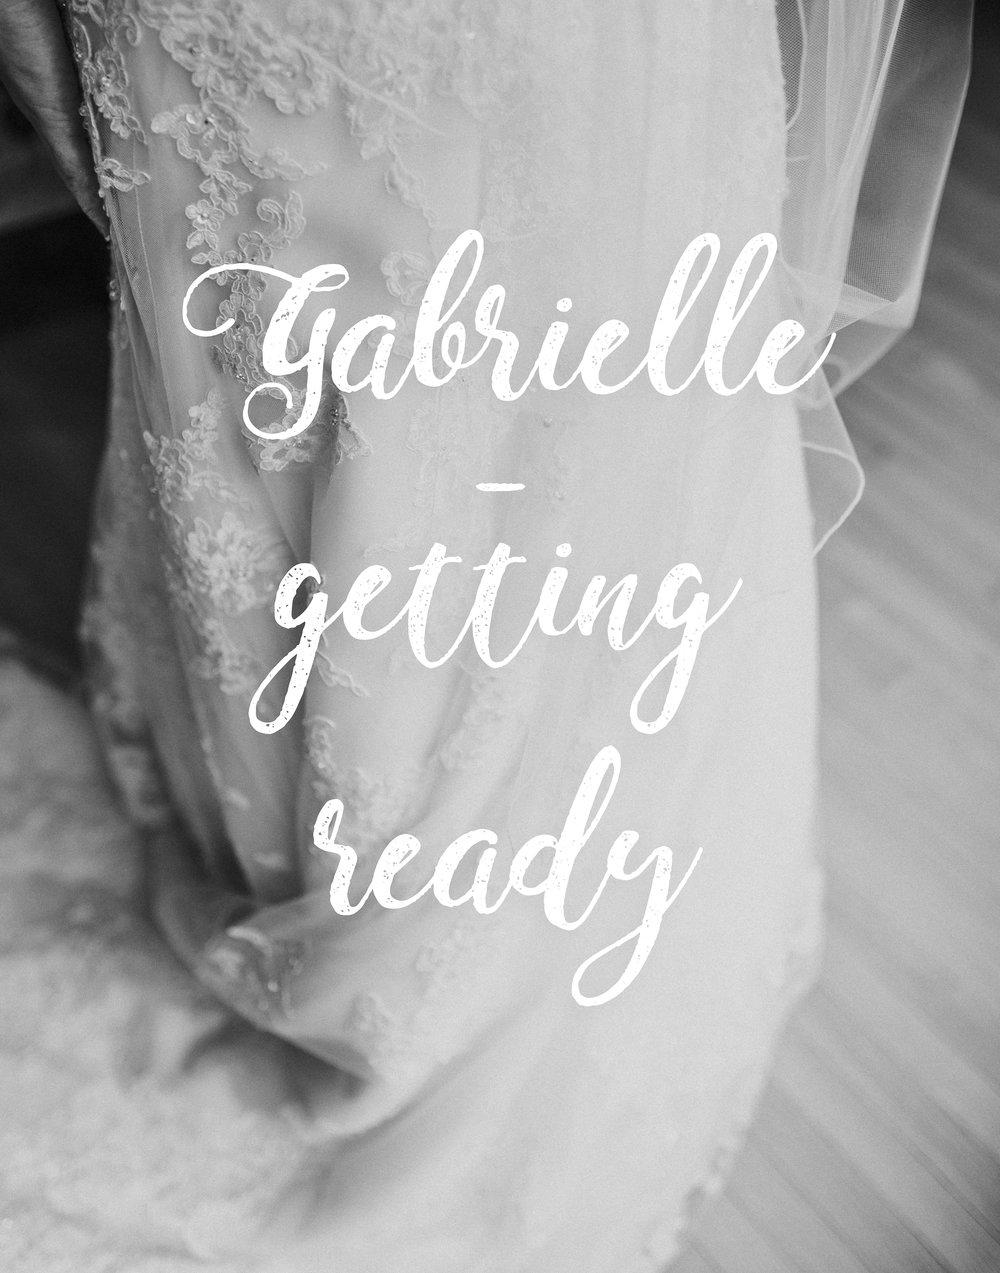 GABRIELLE-GETTING READY-001.jpg